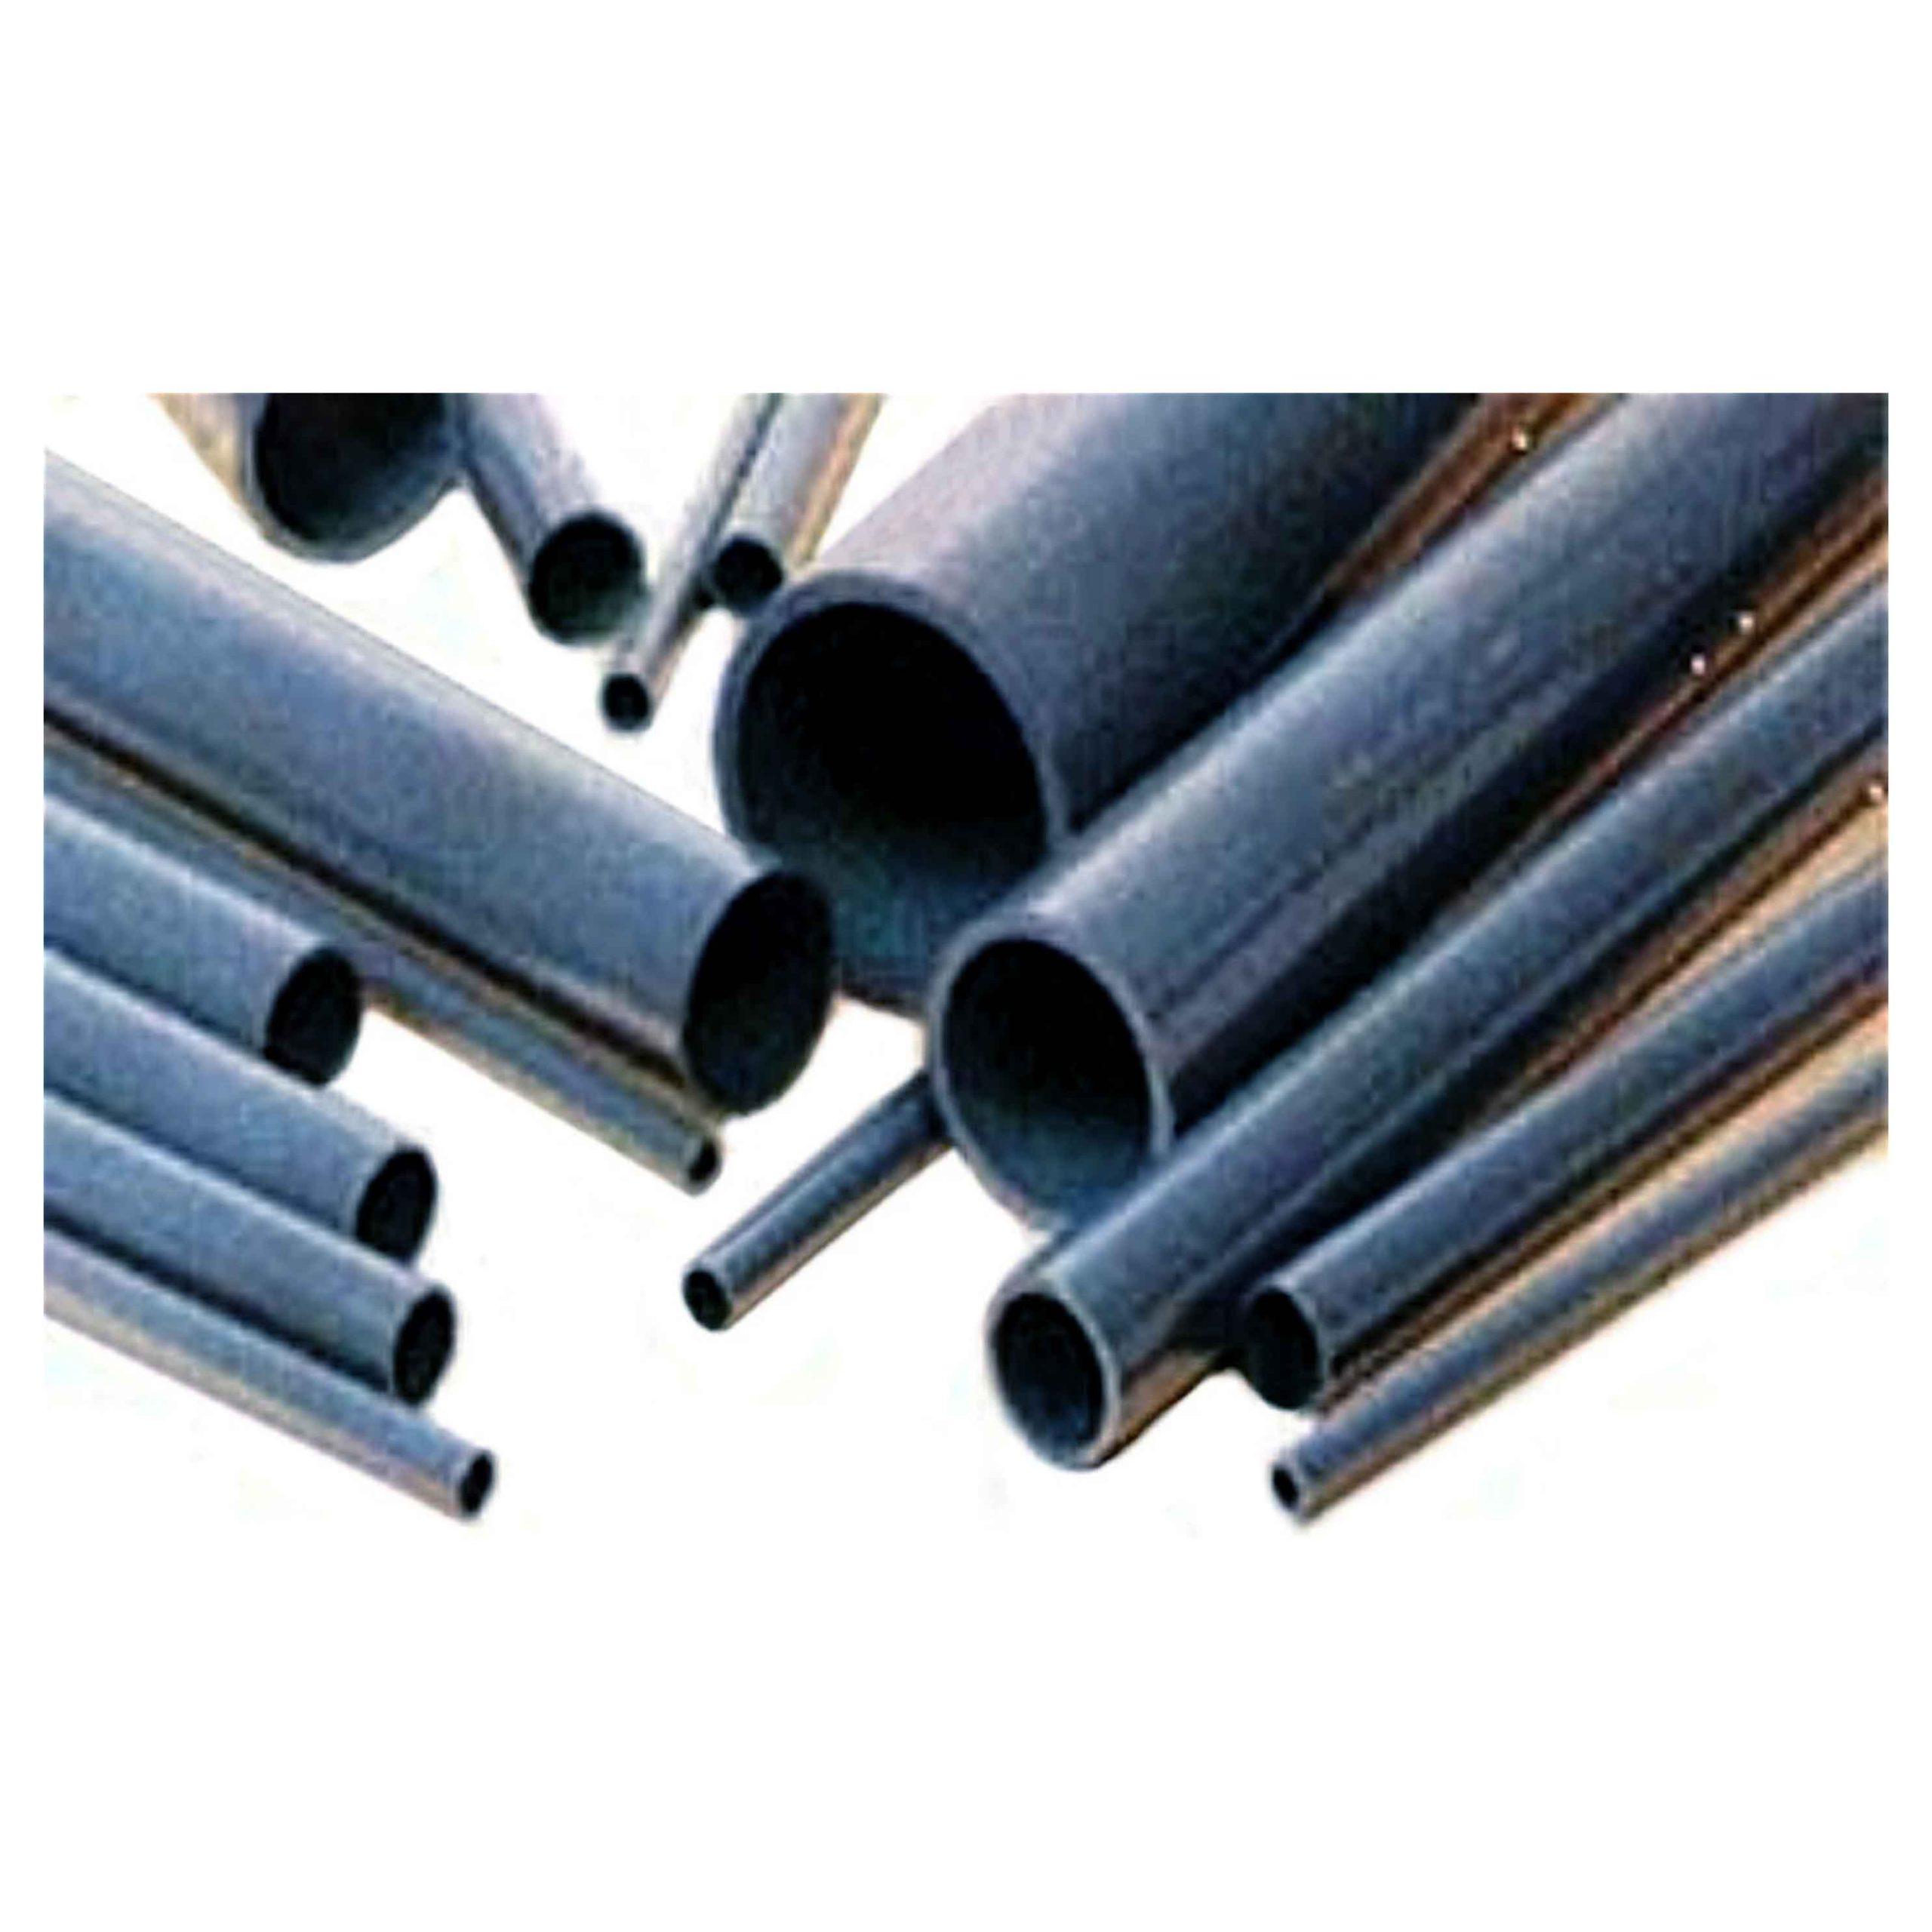 TUBE_PVC_PRESSION_GRIS_FONCE_A_COLLER_REF_5802_SEMI_RIGIDE_BSB_CAOUTCHOUCS_PLASTIQUES